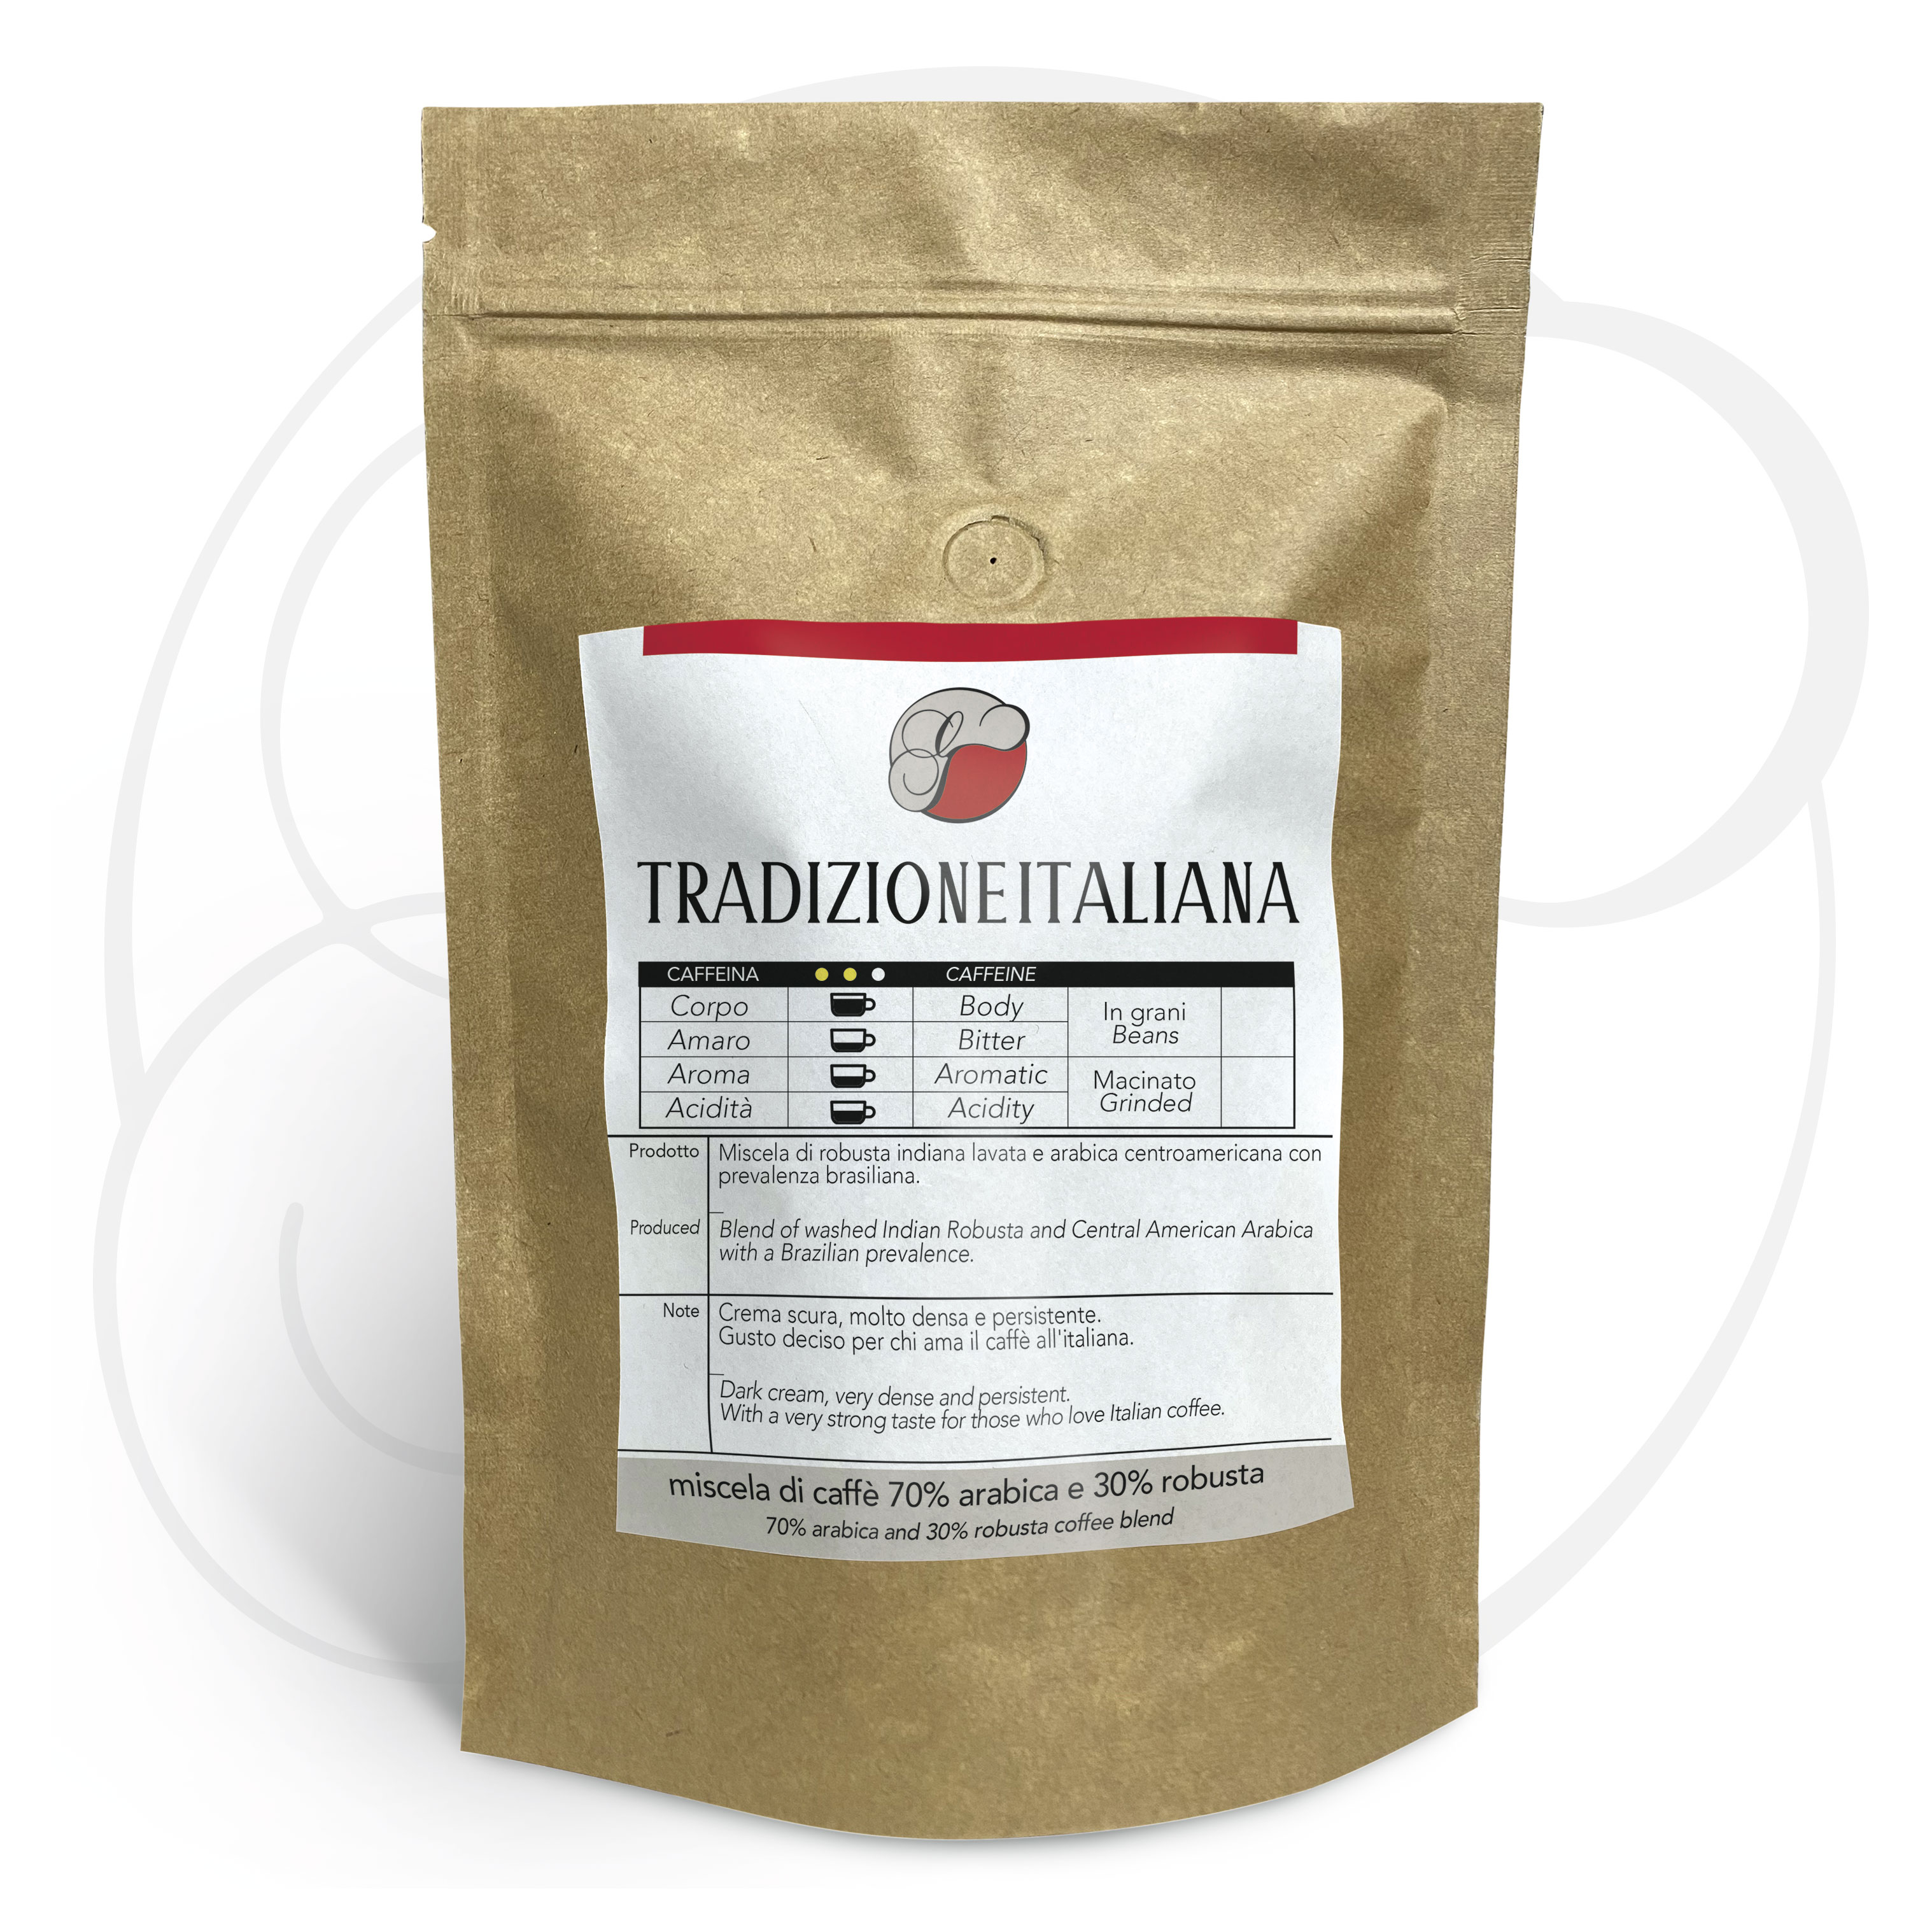 Miscela di caffè Tradizione Italiana (70% arabica 30% robusta) macinato per moka ed espresso confezione da 250 grammi